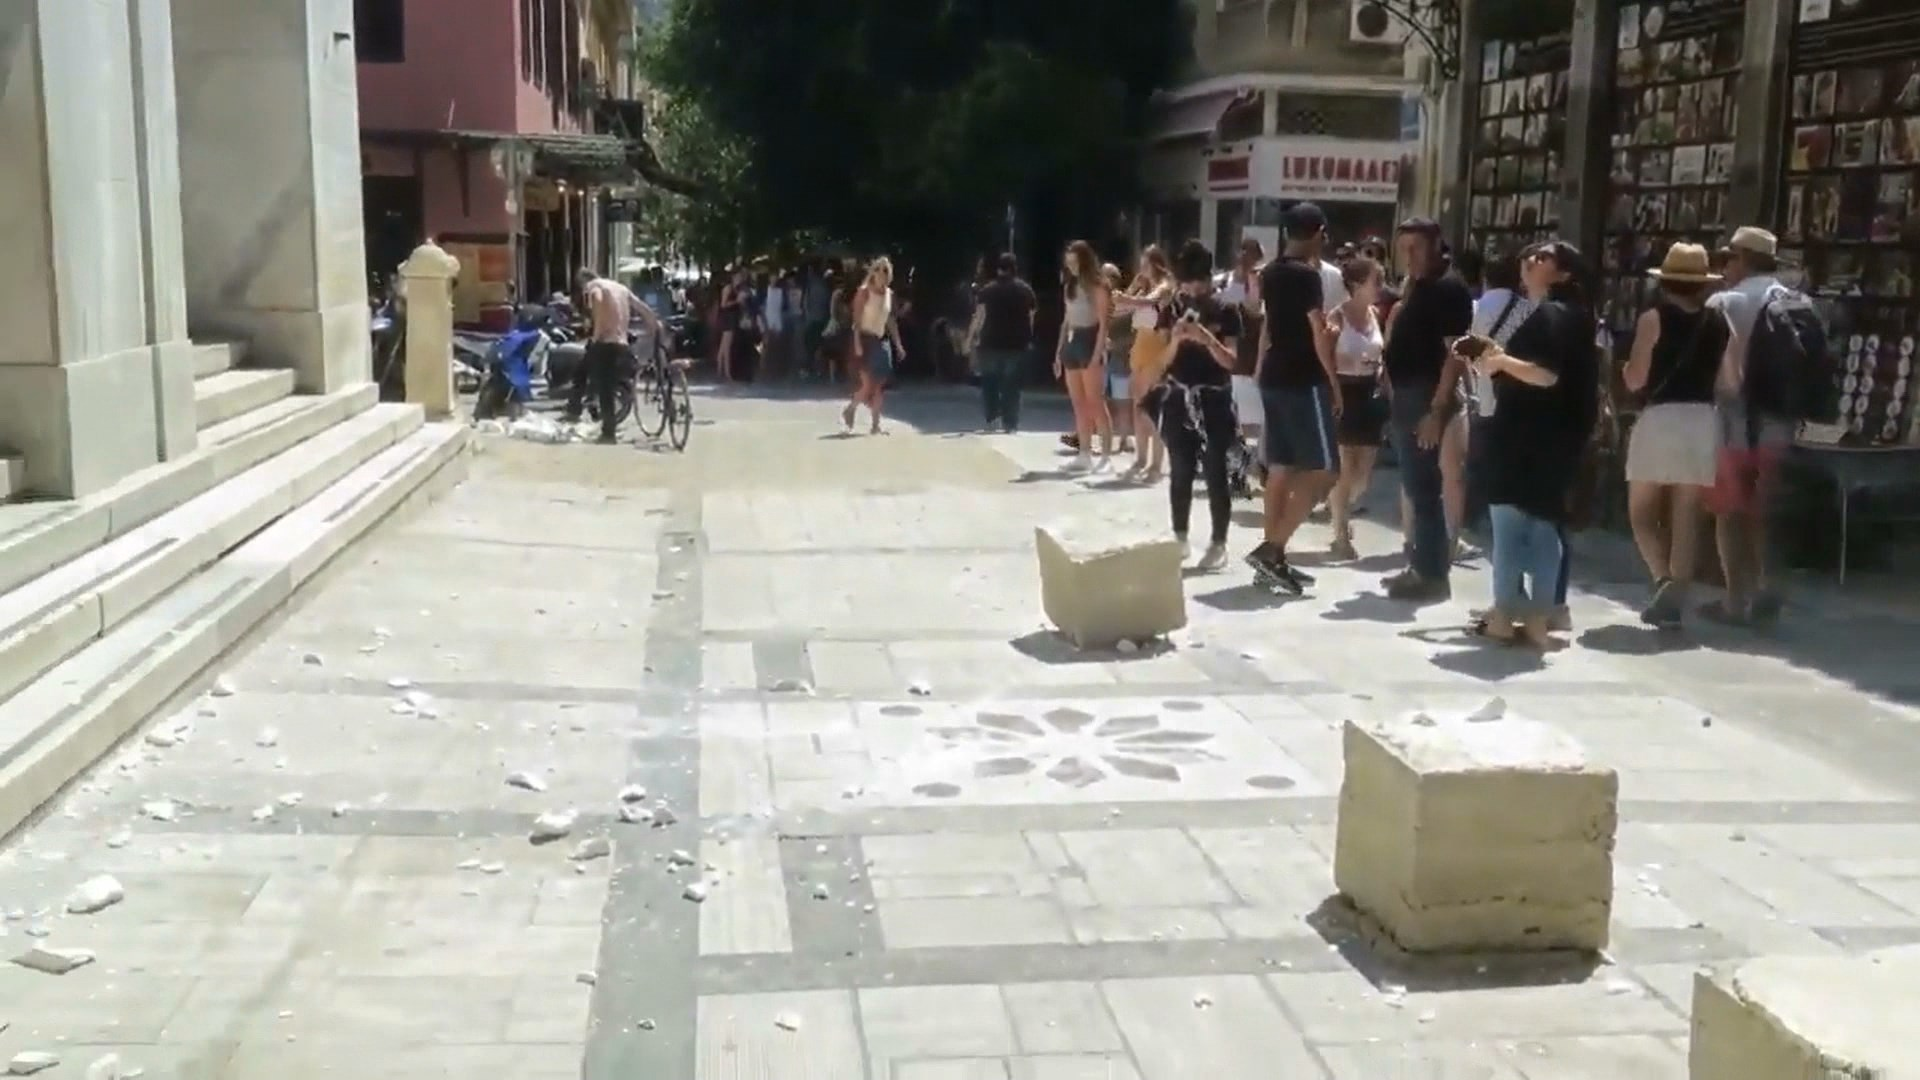 Tërmet i fuqishëm 5.1 ballë i shkallës Rihter trondit Athinën